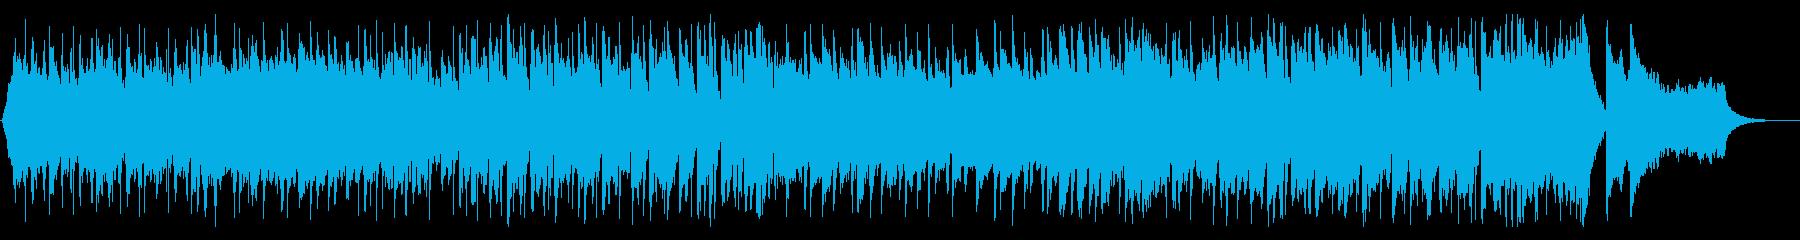 明るく爽快なオーケストラポップスの再生済みの波形